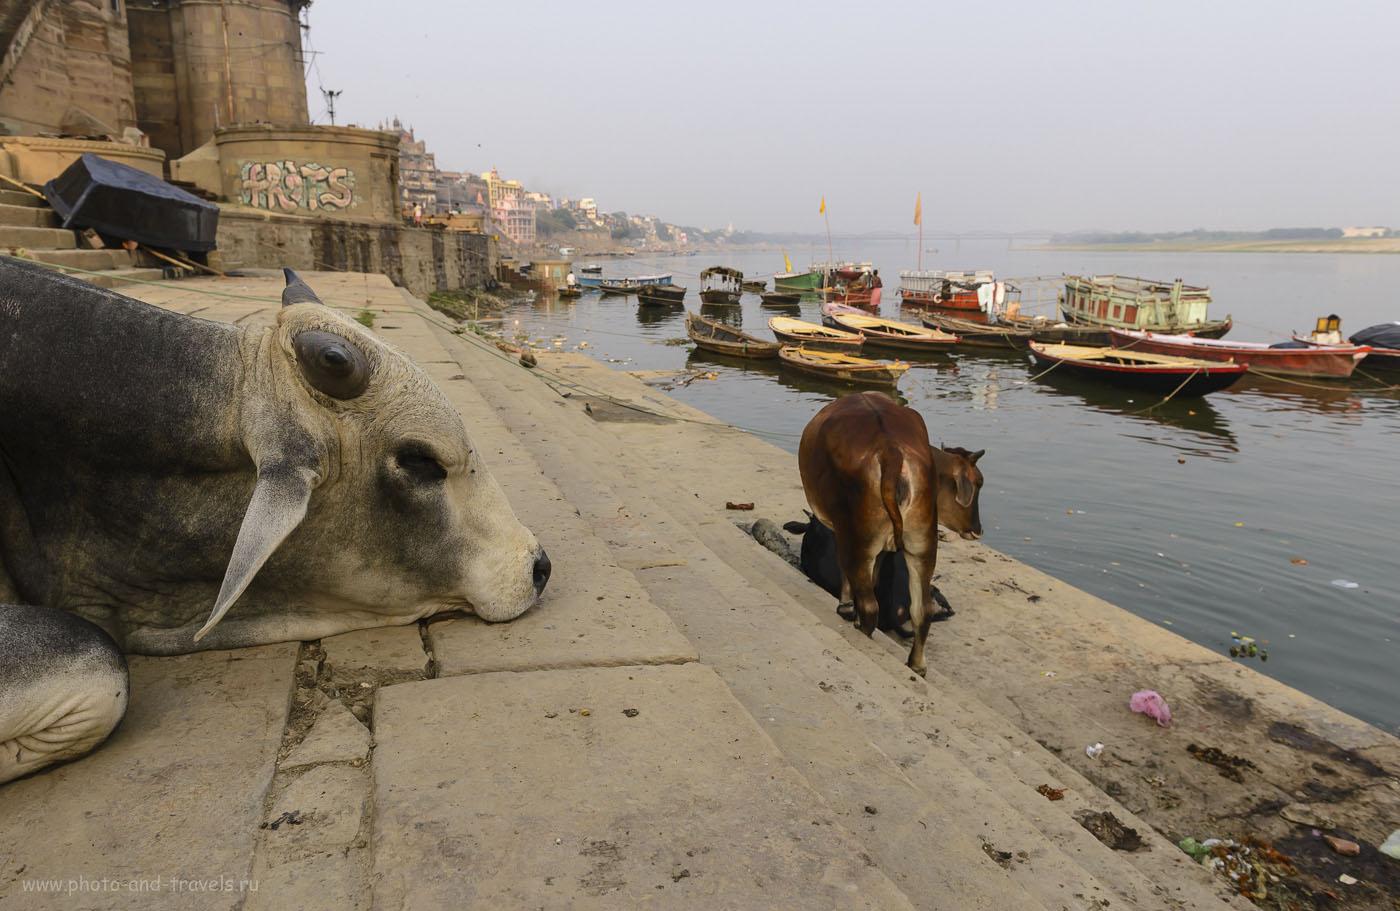 Фото 15. Повсюду в Варанаси можно встретить бродящих или отдыхающих быков, которых здесь никто не трогает, ведь они – потомки быка Нади, на котором ездил сам великий бог Шива.  Отчеты туристов о путешествии по Индии. 1/250, 8.0, 200, 24.